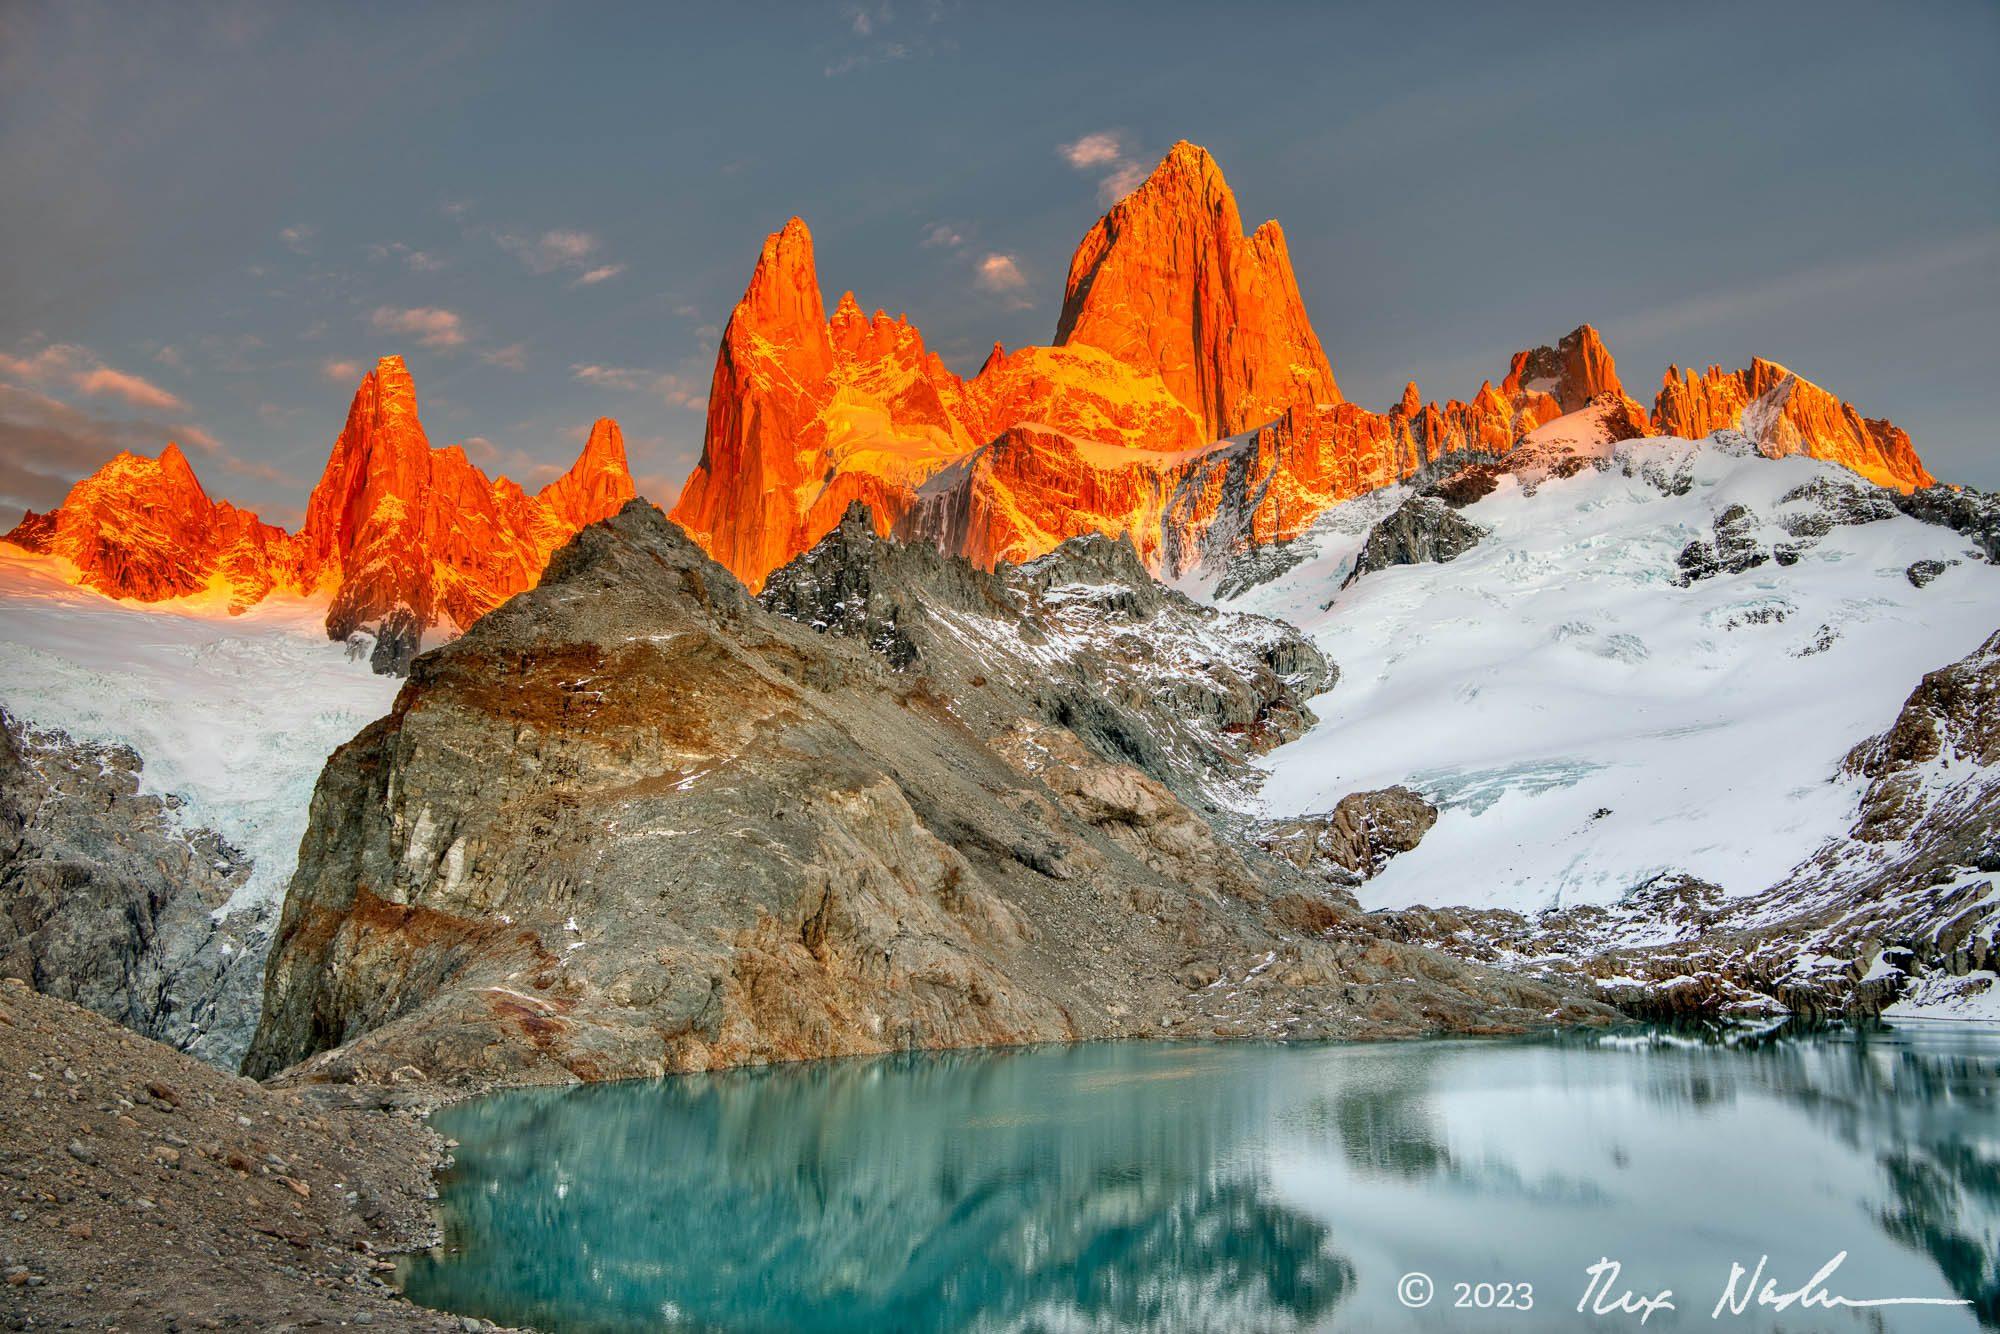 Monolith - Near El Chalten, Argentina